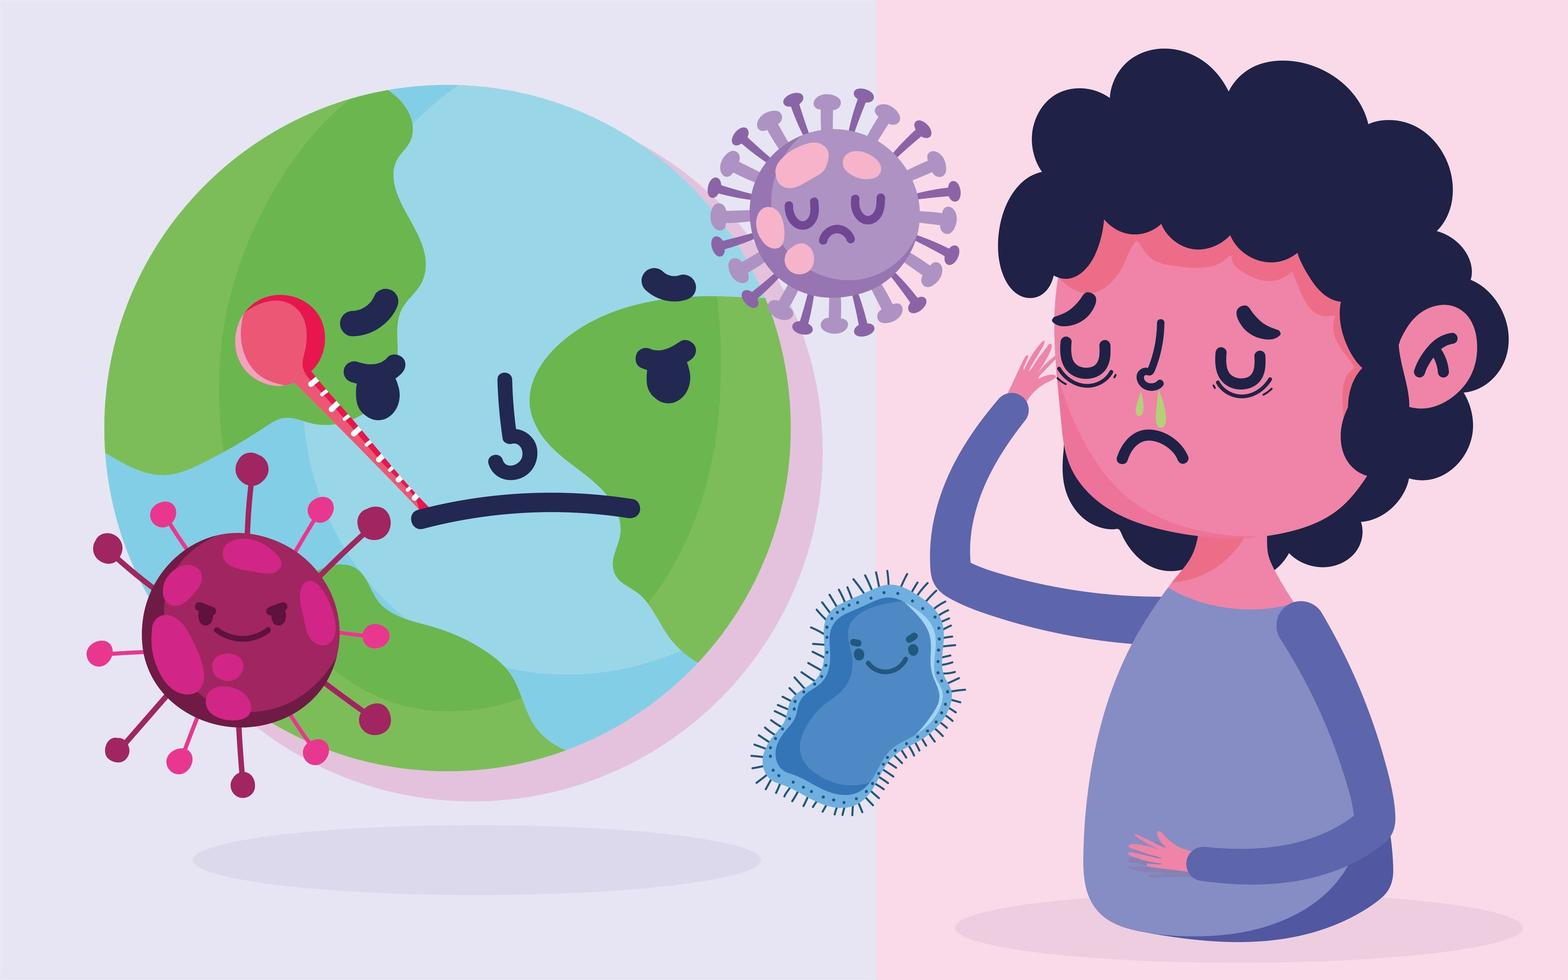 diseño de pandemia covid-19 con niño con síntomas de fiebre vector